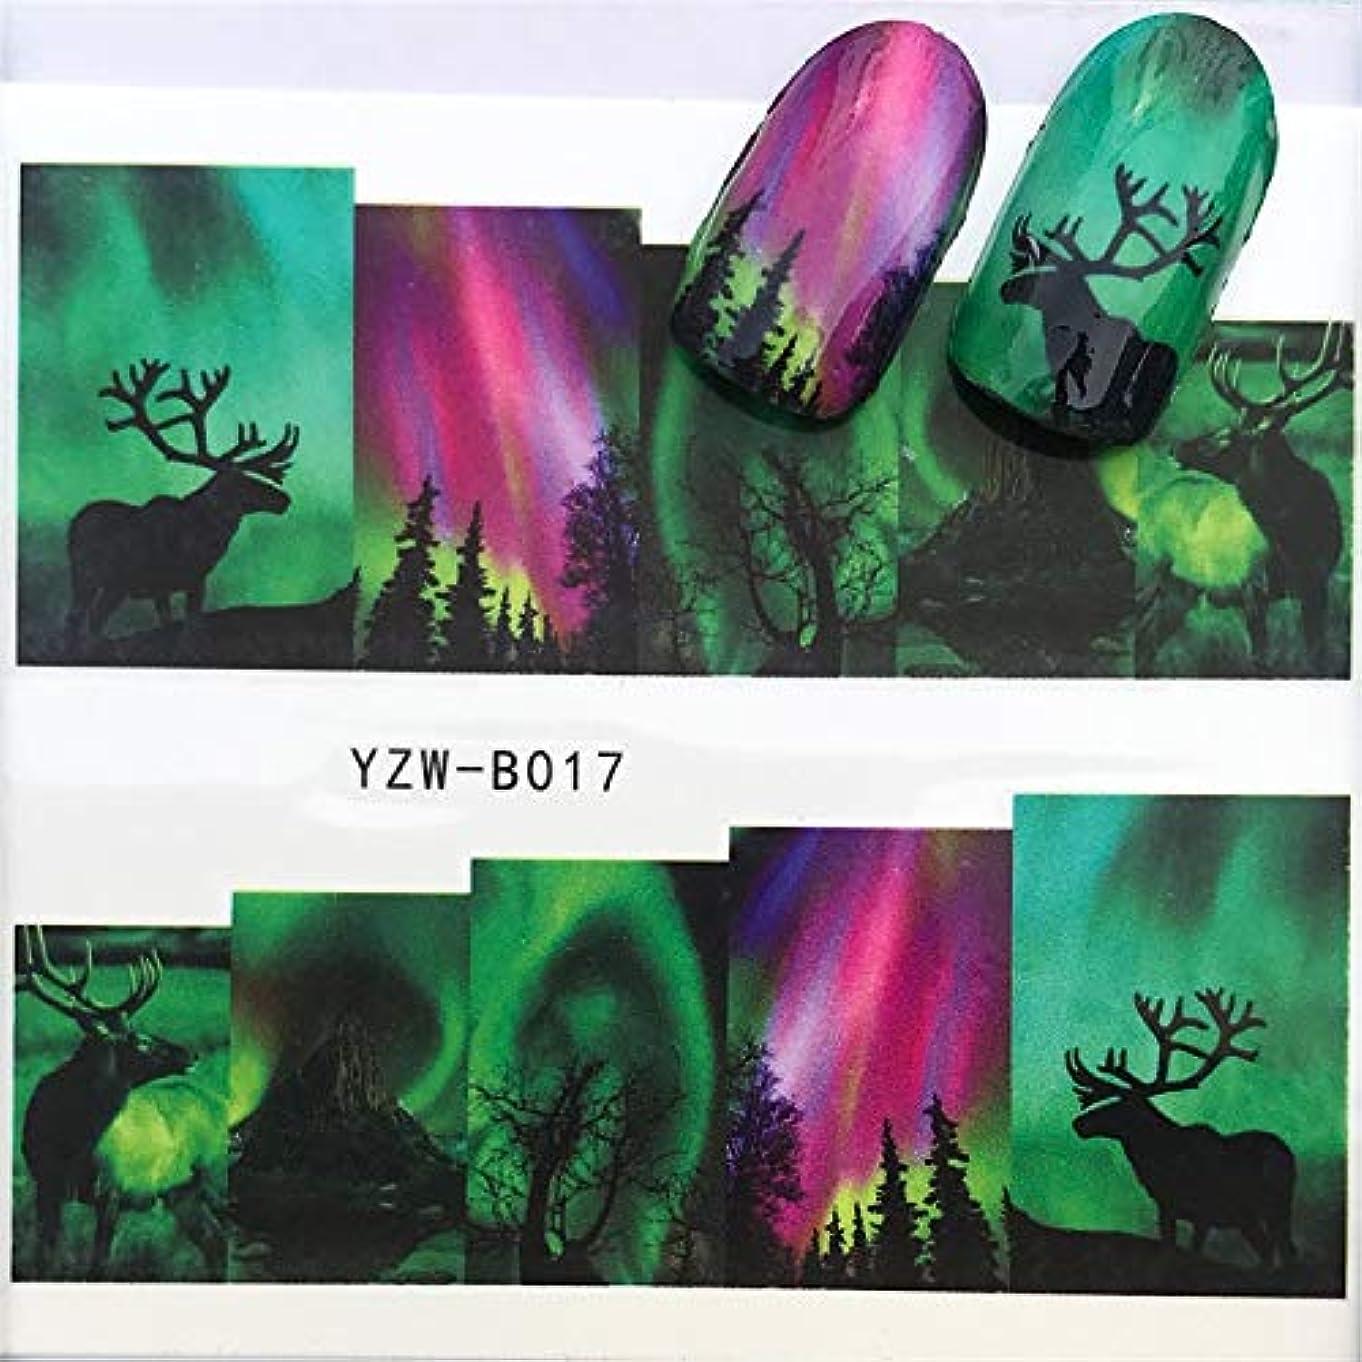 泣くがっかりした支援するビューティー&パーソナルケア 3個ネイルステッカーセットデカール水転写スライダーネイルアートデコレーション、色:YZWB017 ステッカー&デカール